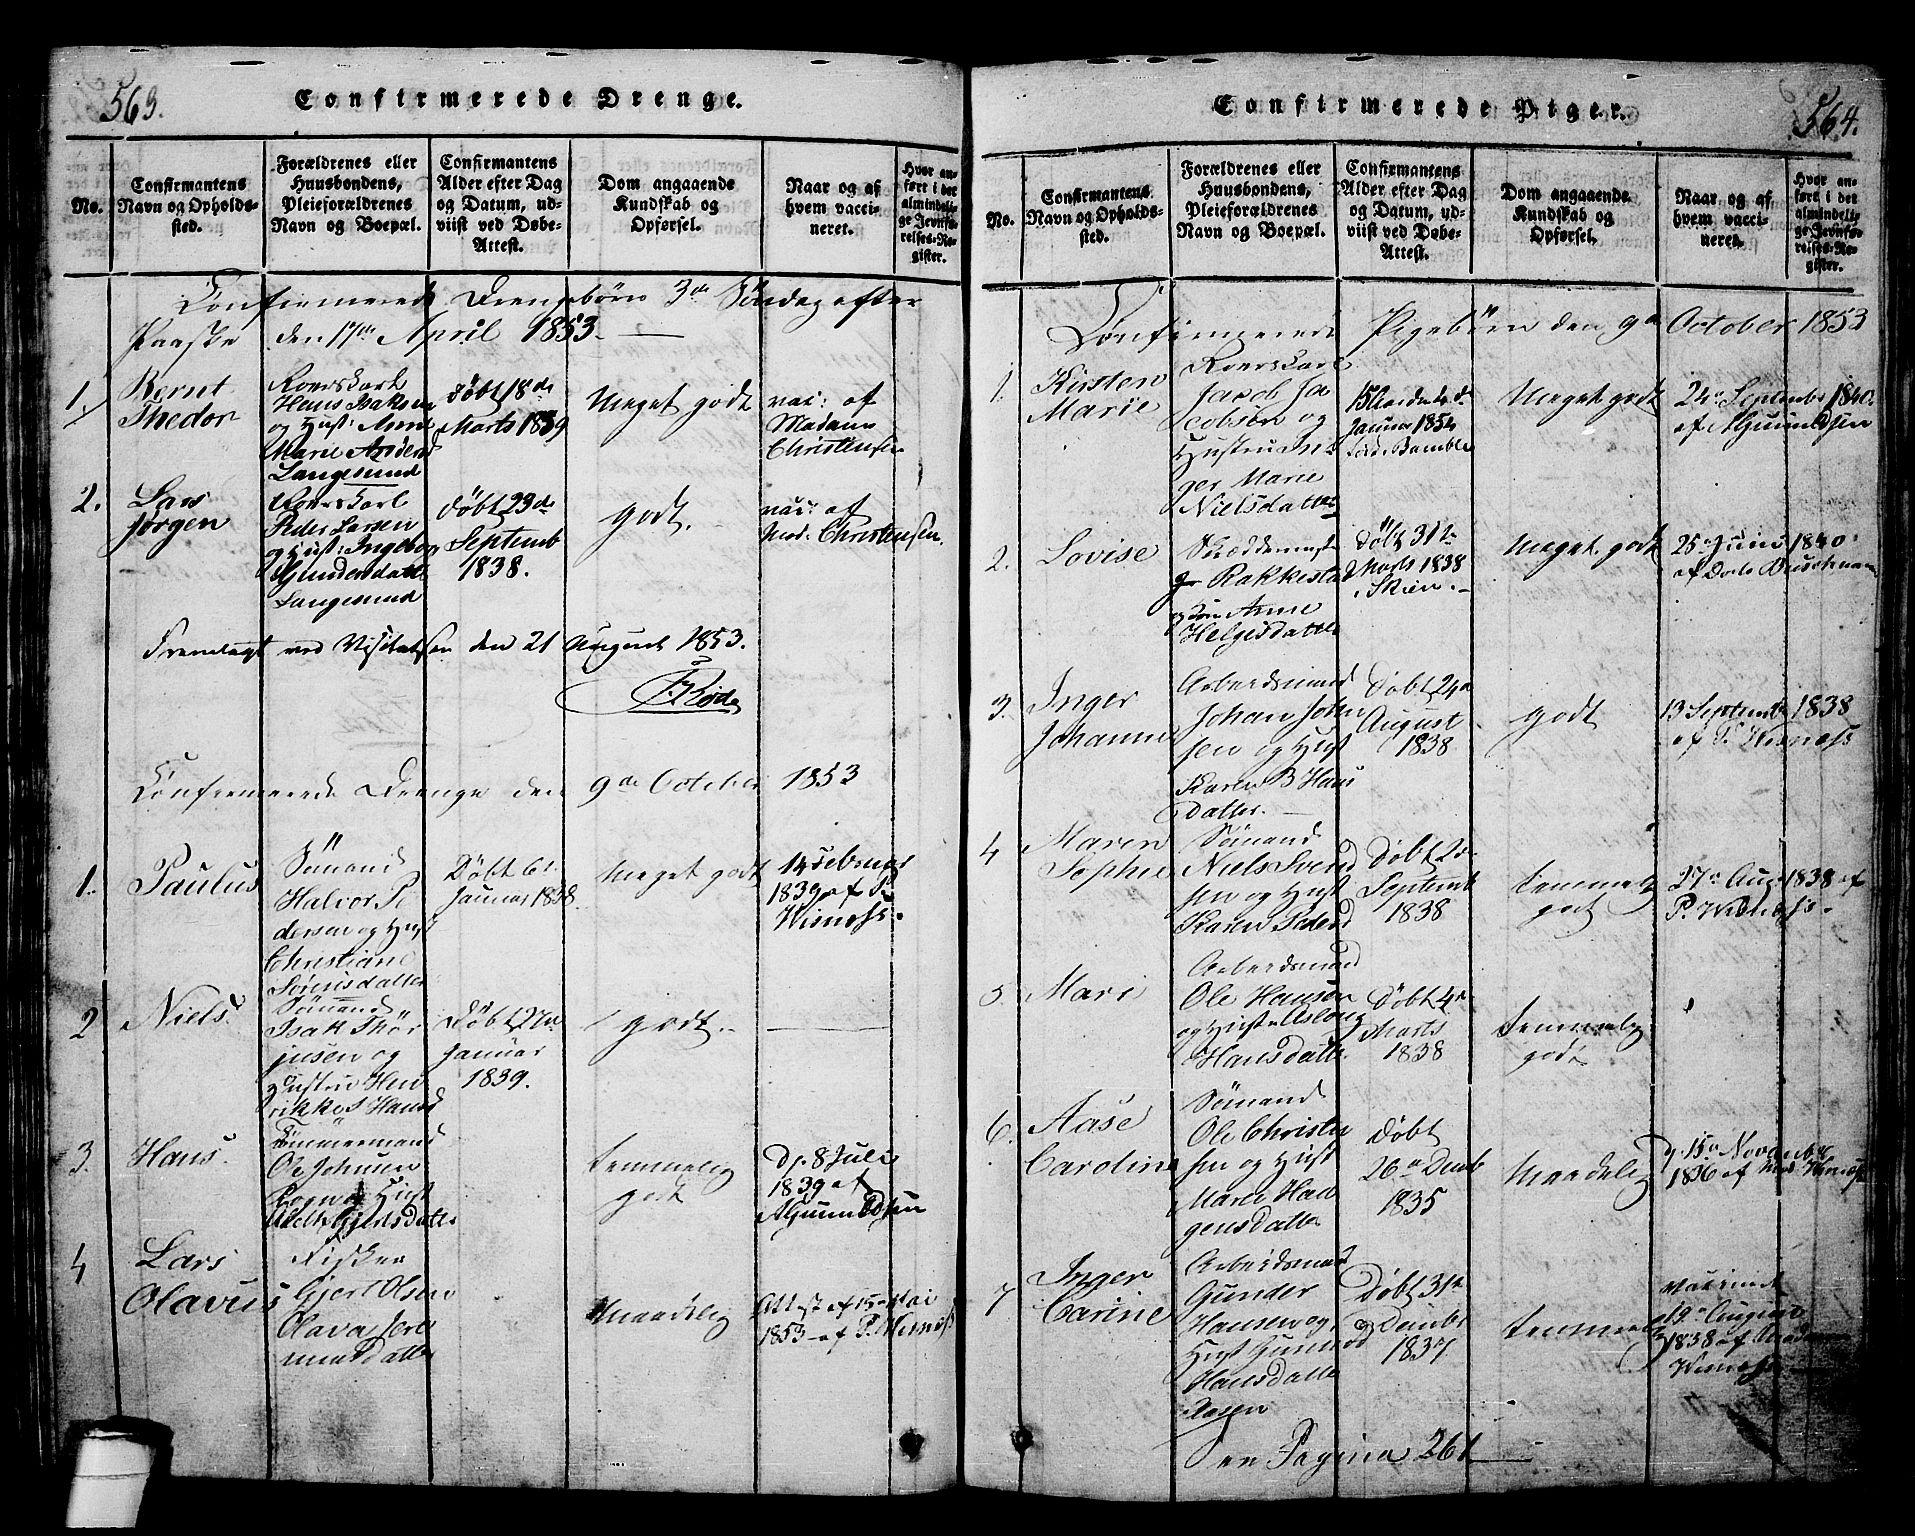 SAKO, Langesund kirkebøker, G/Ga/L0003: Klokkerbok nr. 3, 1815-1858, s. 563-564